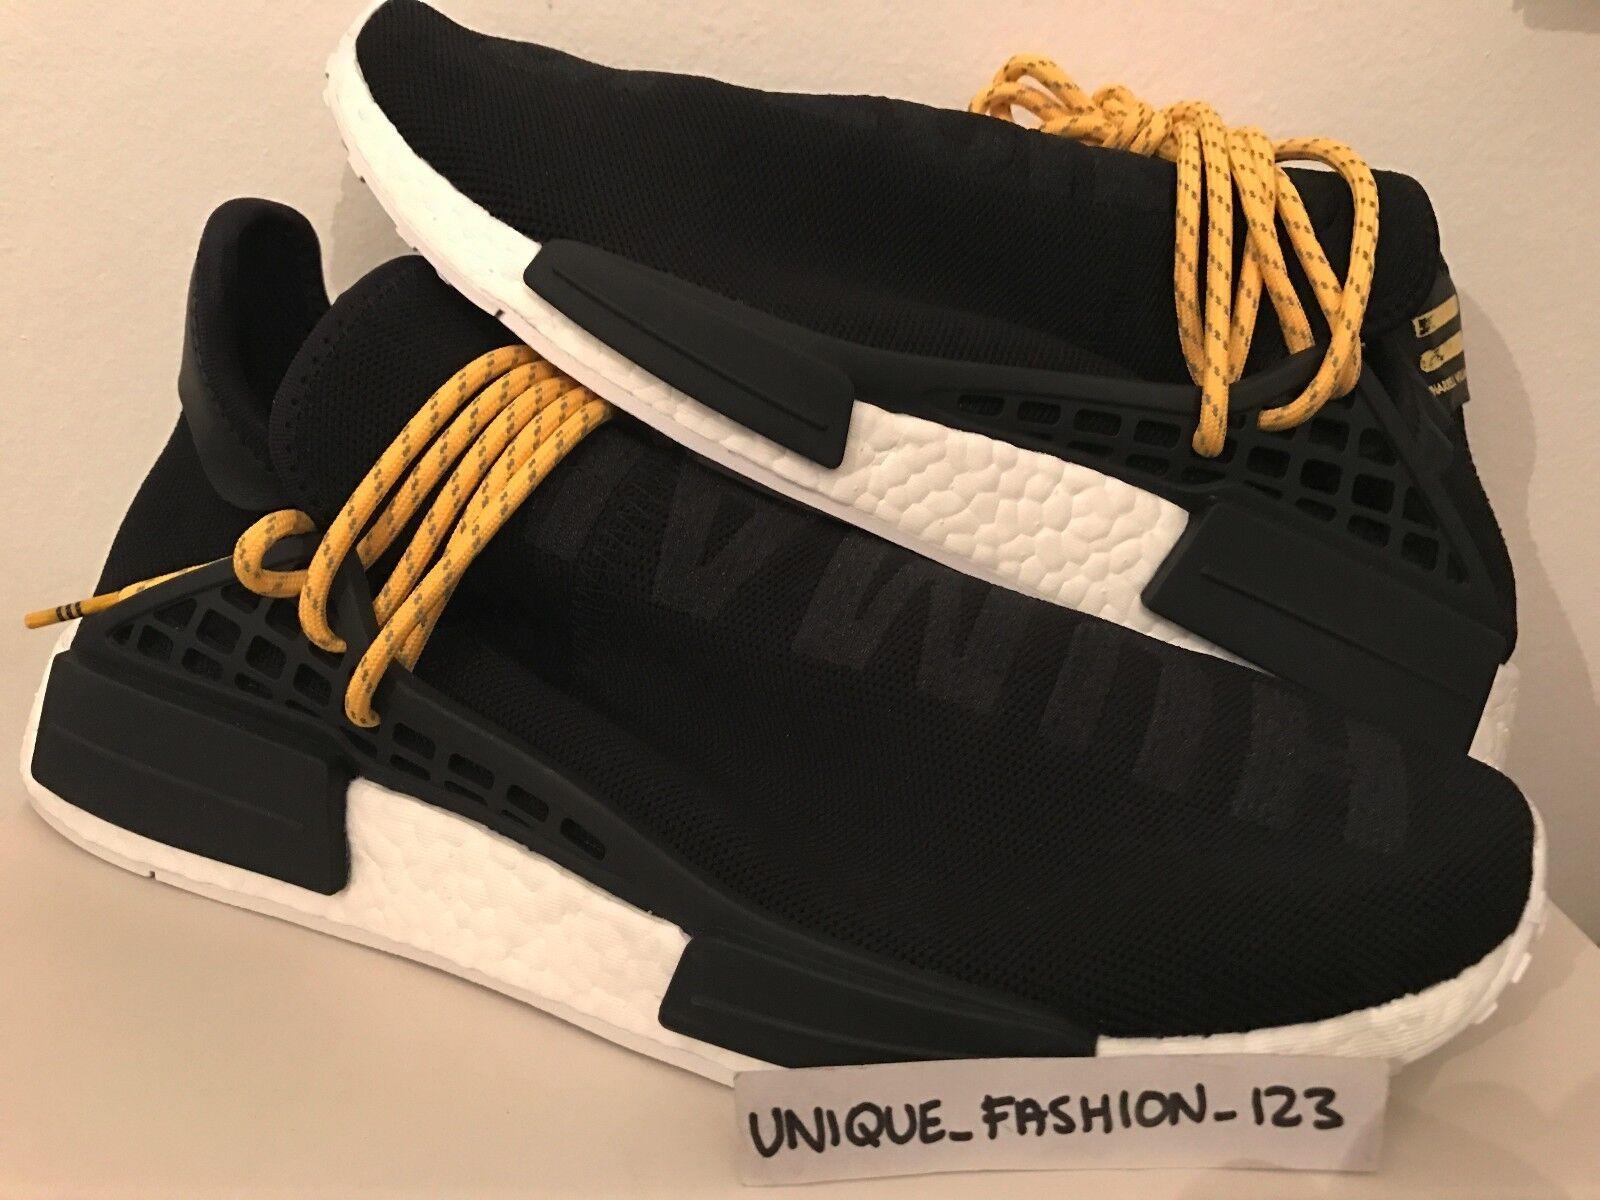 Adidas NMD raza humana Hu Boost Pharrell PW Negro Blanco Boost Hu feeeee